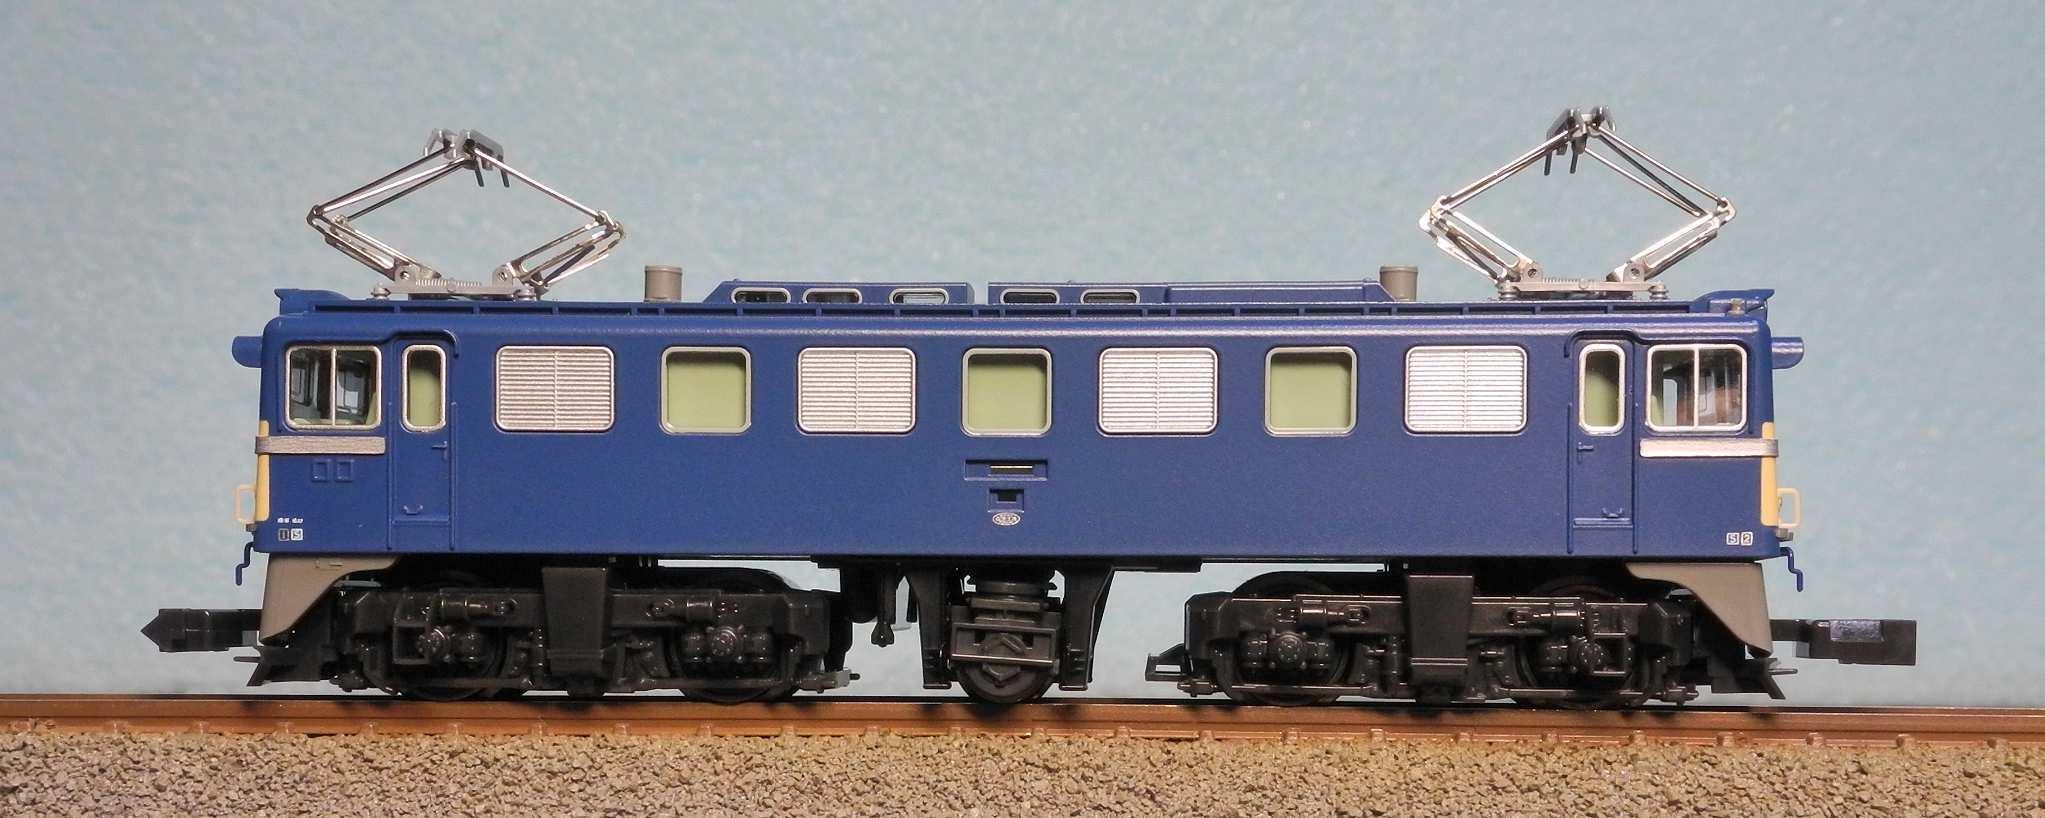 DSCN9949-1.jpg